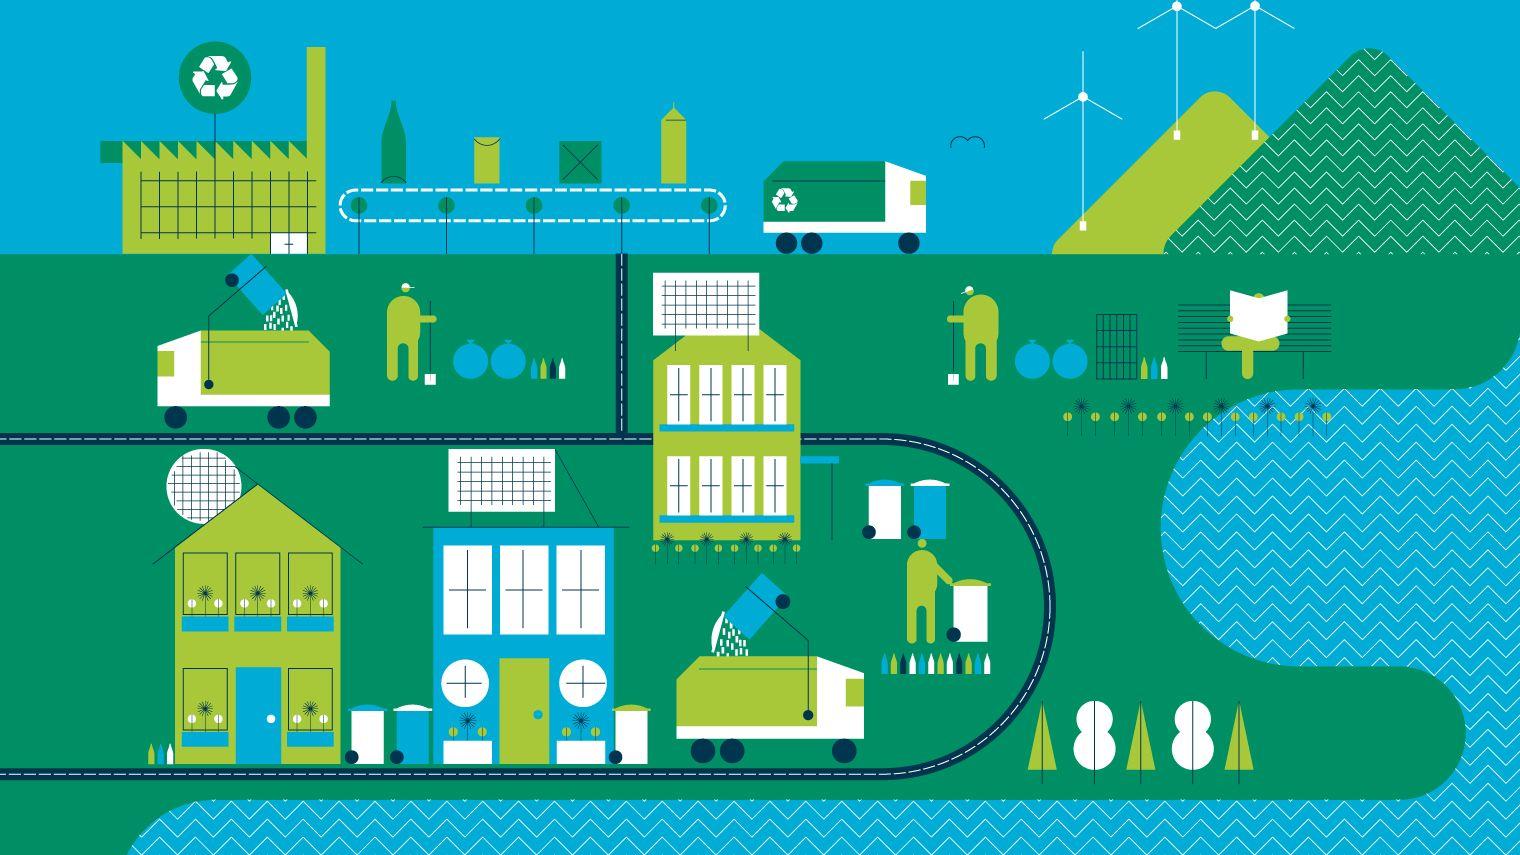 Como a economia circular pode revolucionar a indústria e criar riqueza através dos resíduos stylo urbano-2